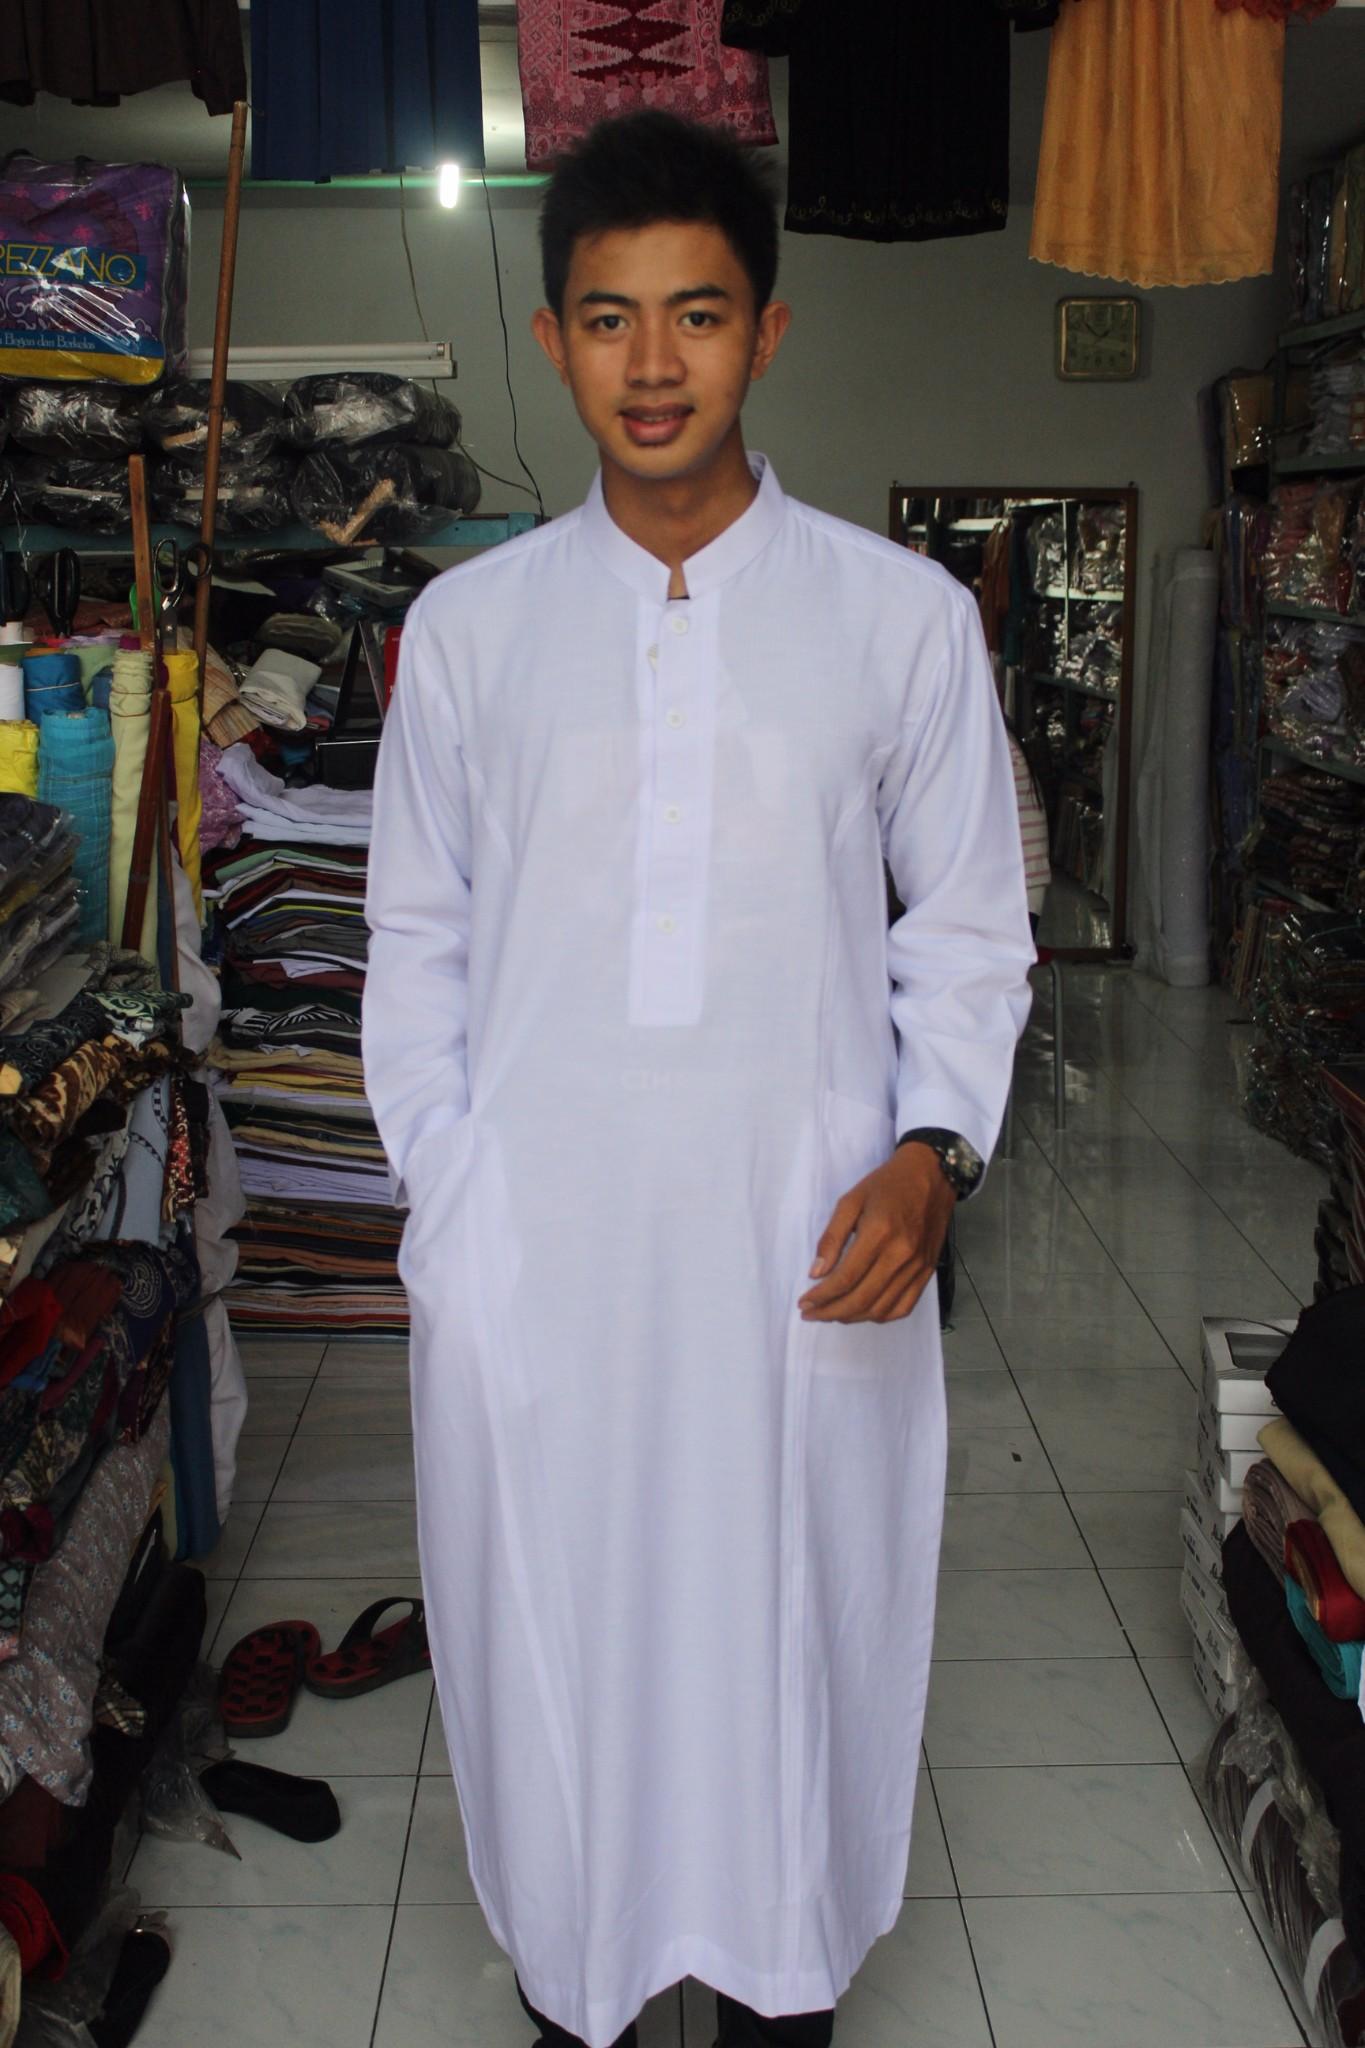 Jual Gamis Koko Jubah Busana Muslim Pria Baju Koko Pria